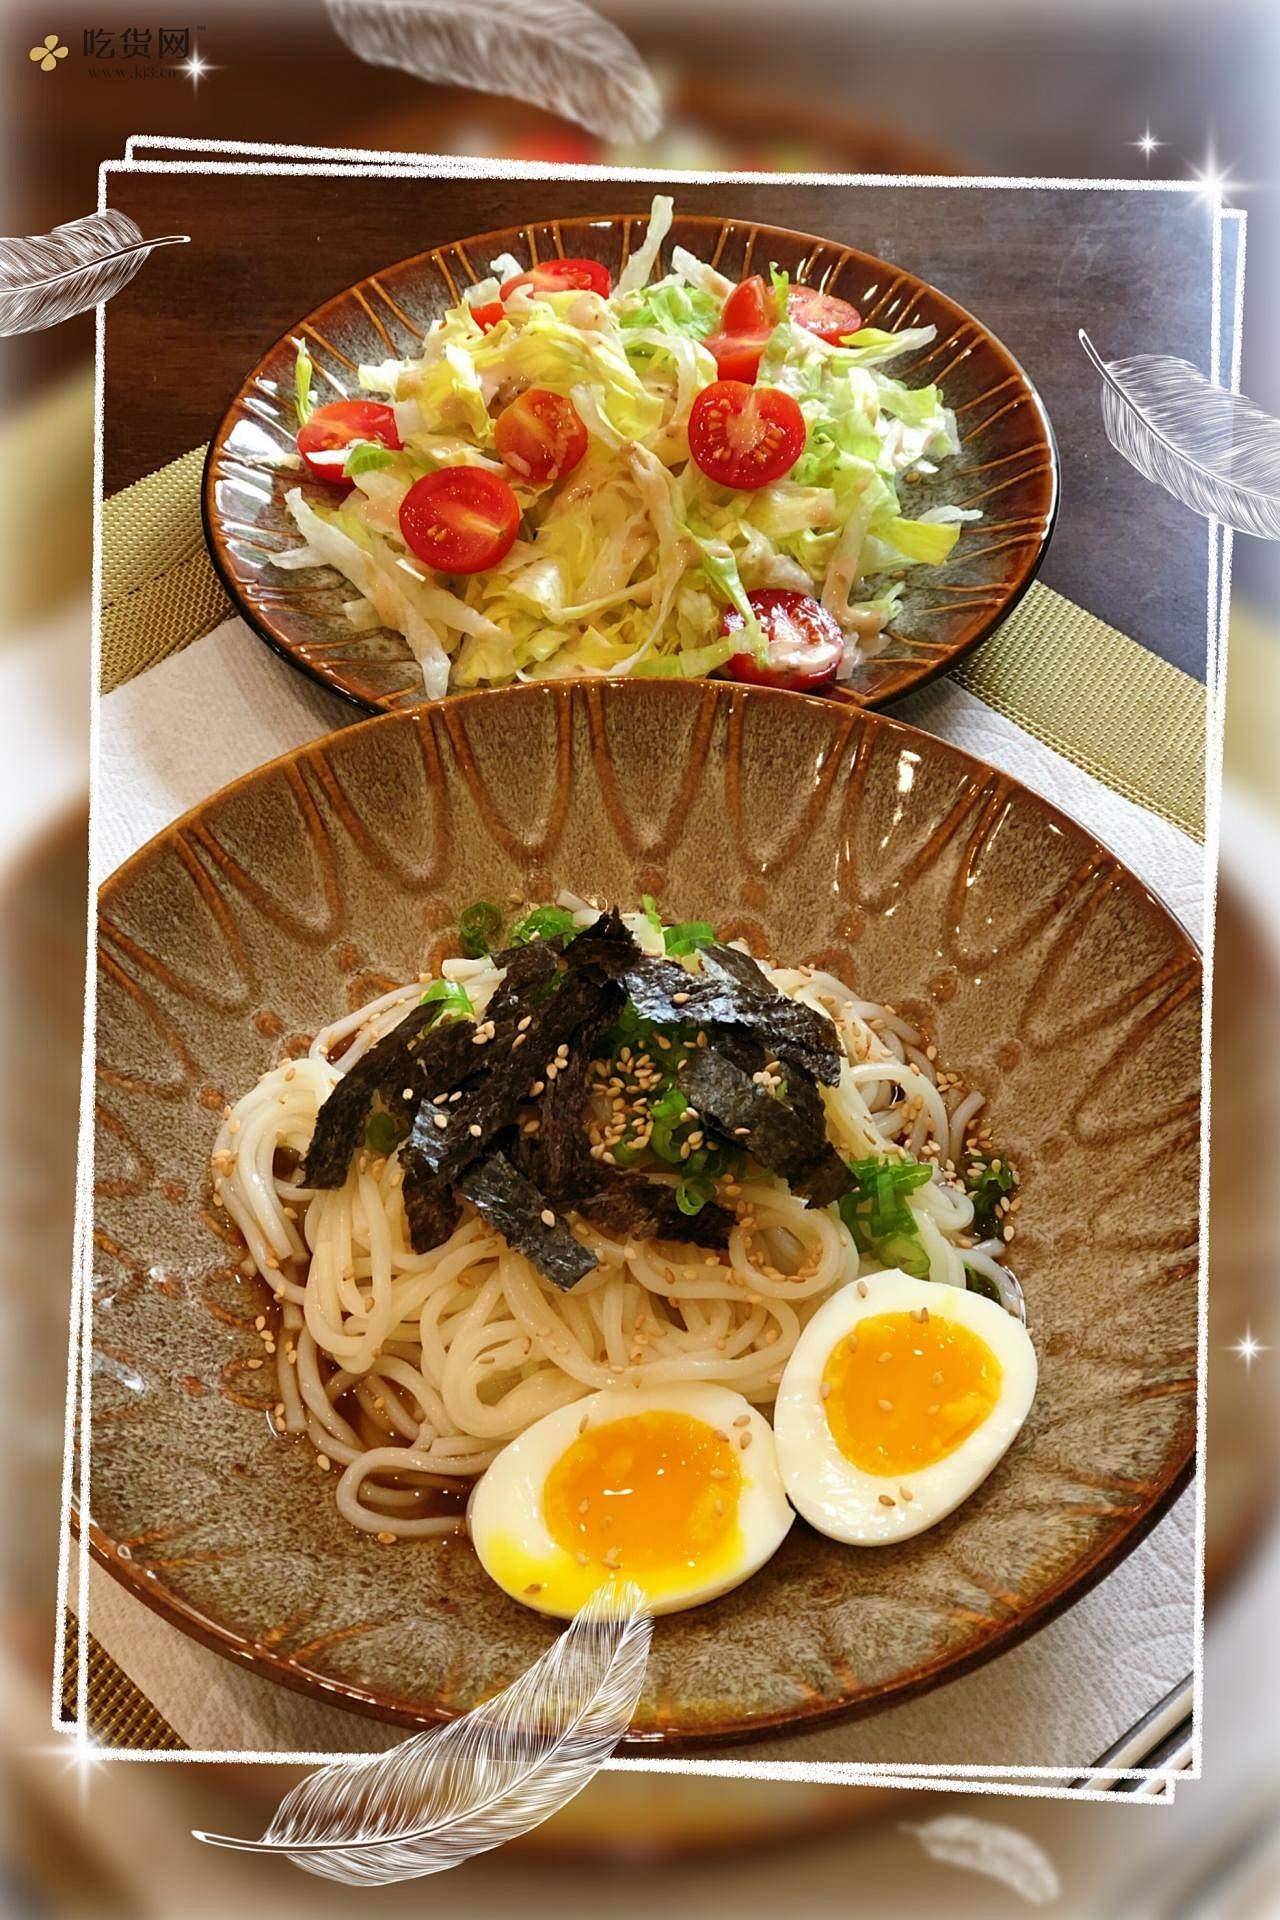 《昨日的美食》|夏日清爽日式凉面的做法 步骤3